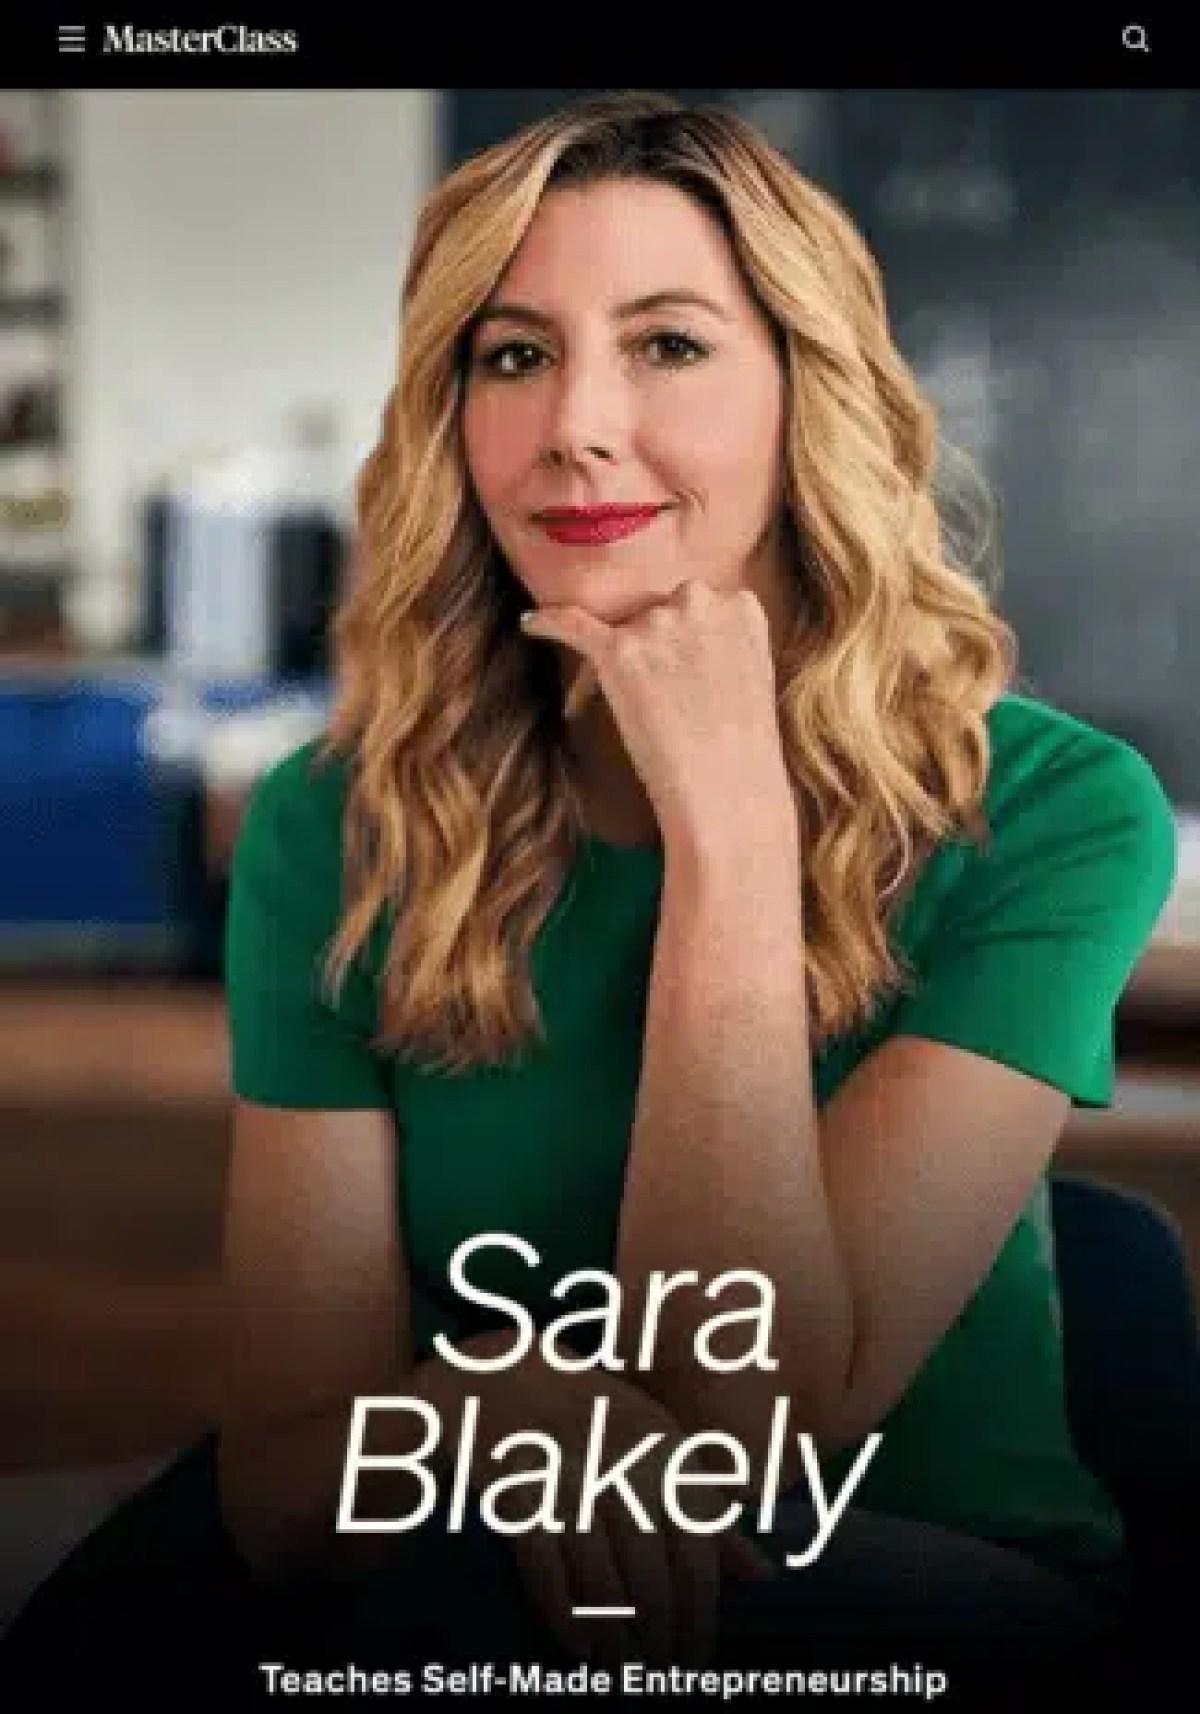 MasterClass – Sara Blakely Teaches Self-Made Entrepreneurship